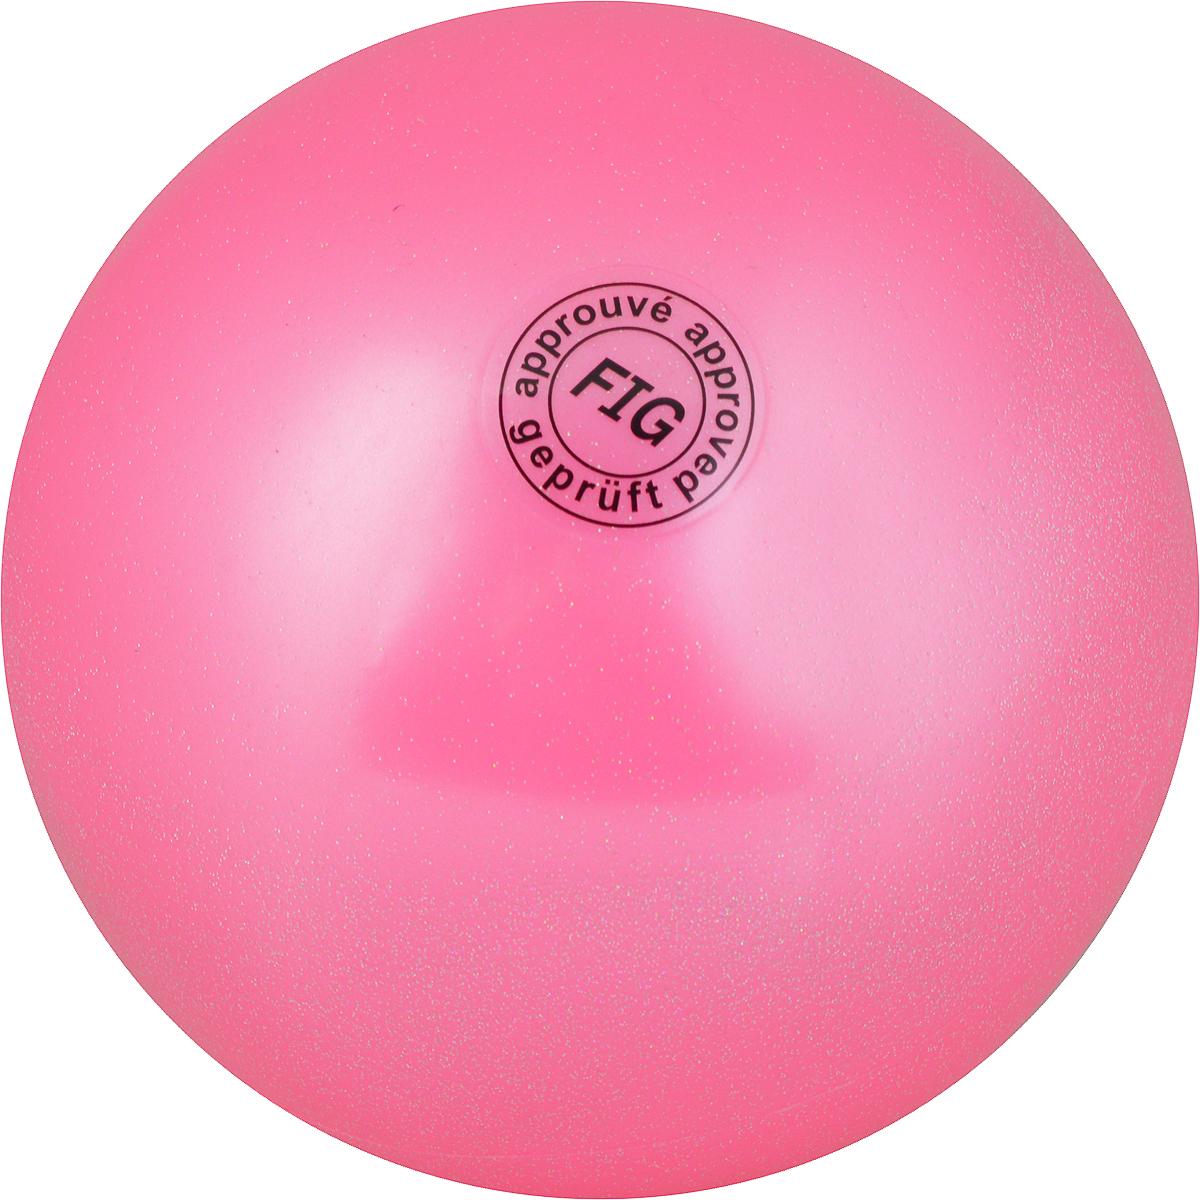 Мяч для художественной гимнастики, цвет: розовый металлик. Диаметр 19 см. AB2801